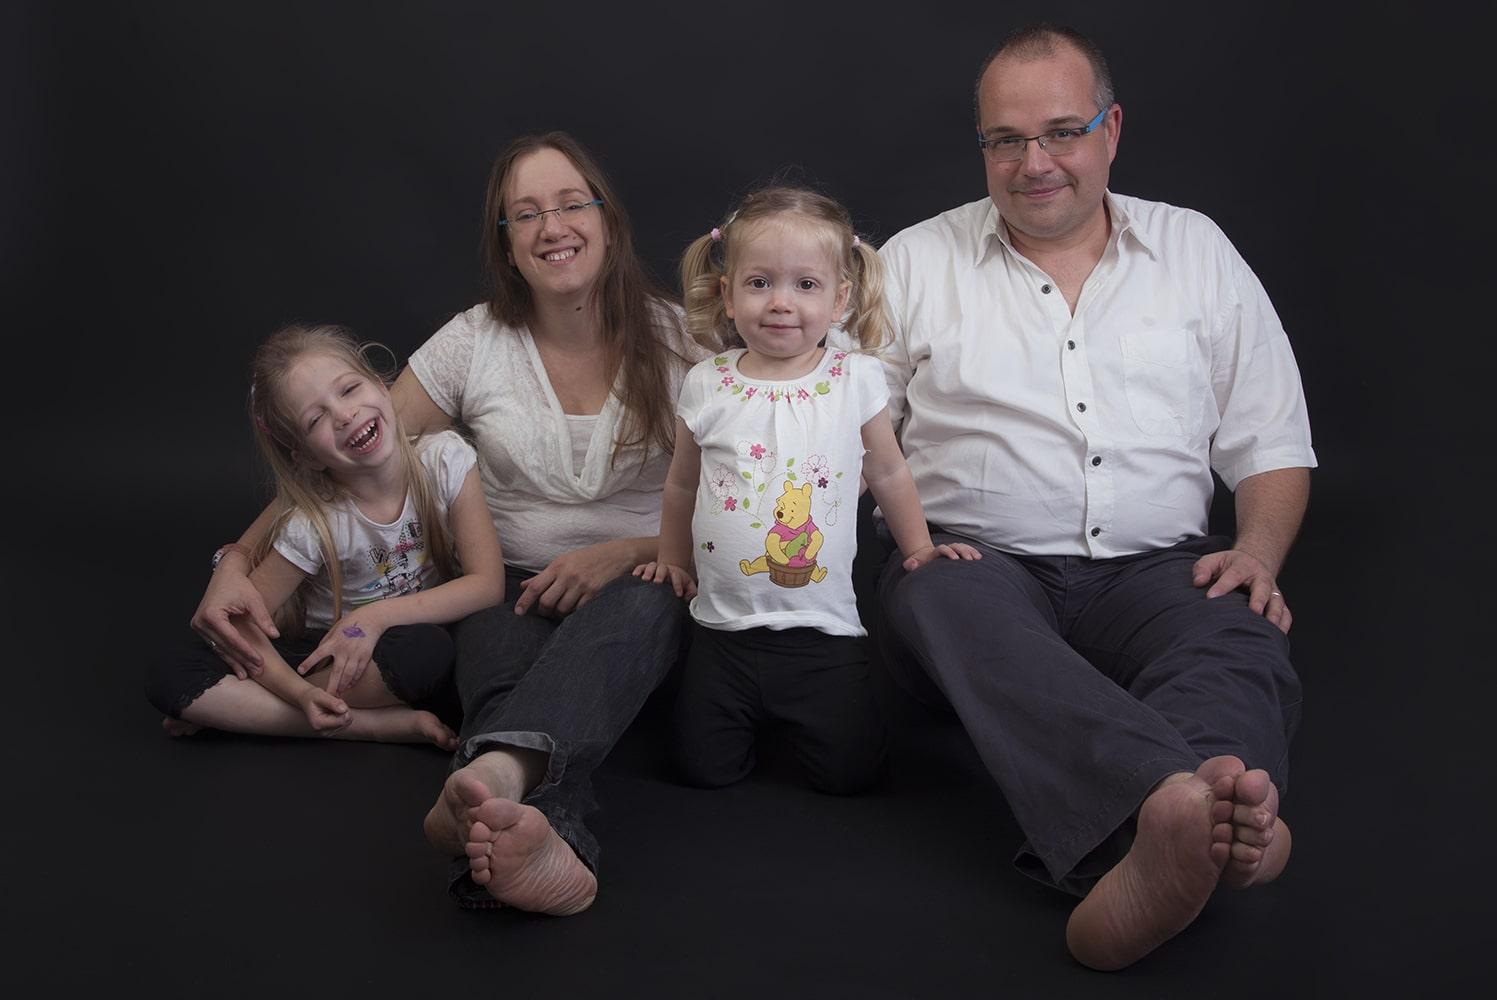 משפחת אבשלום - סטודיו גיל לוין (1)